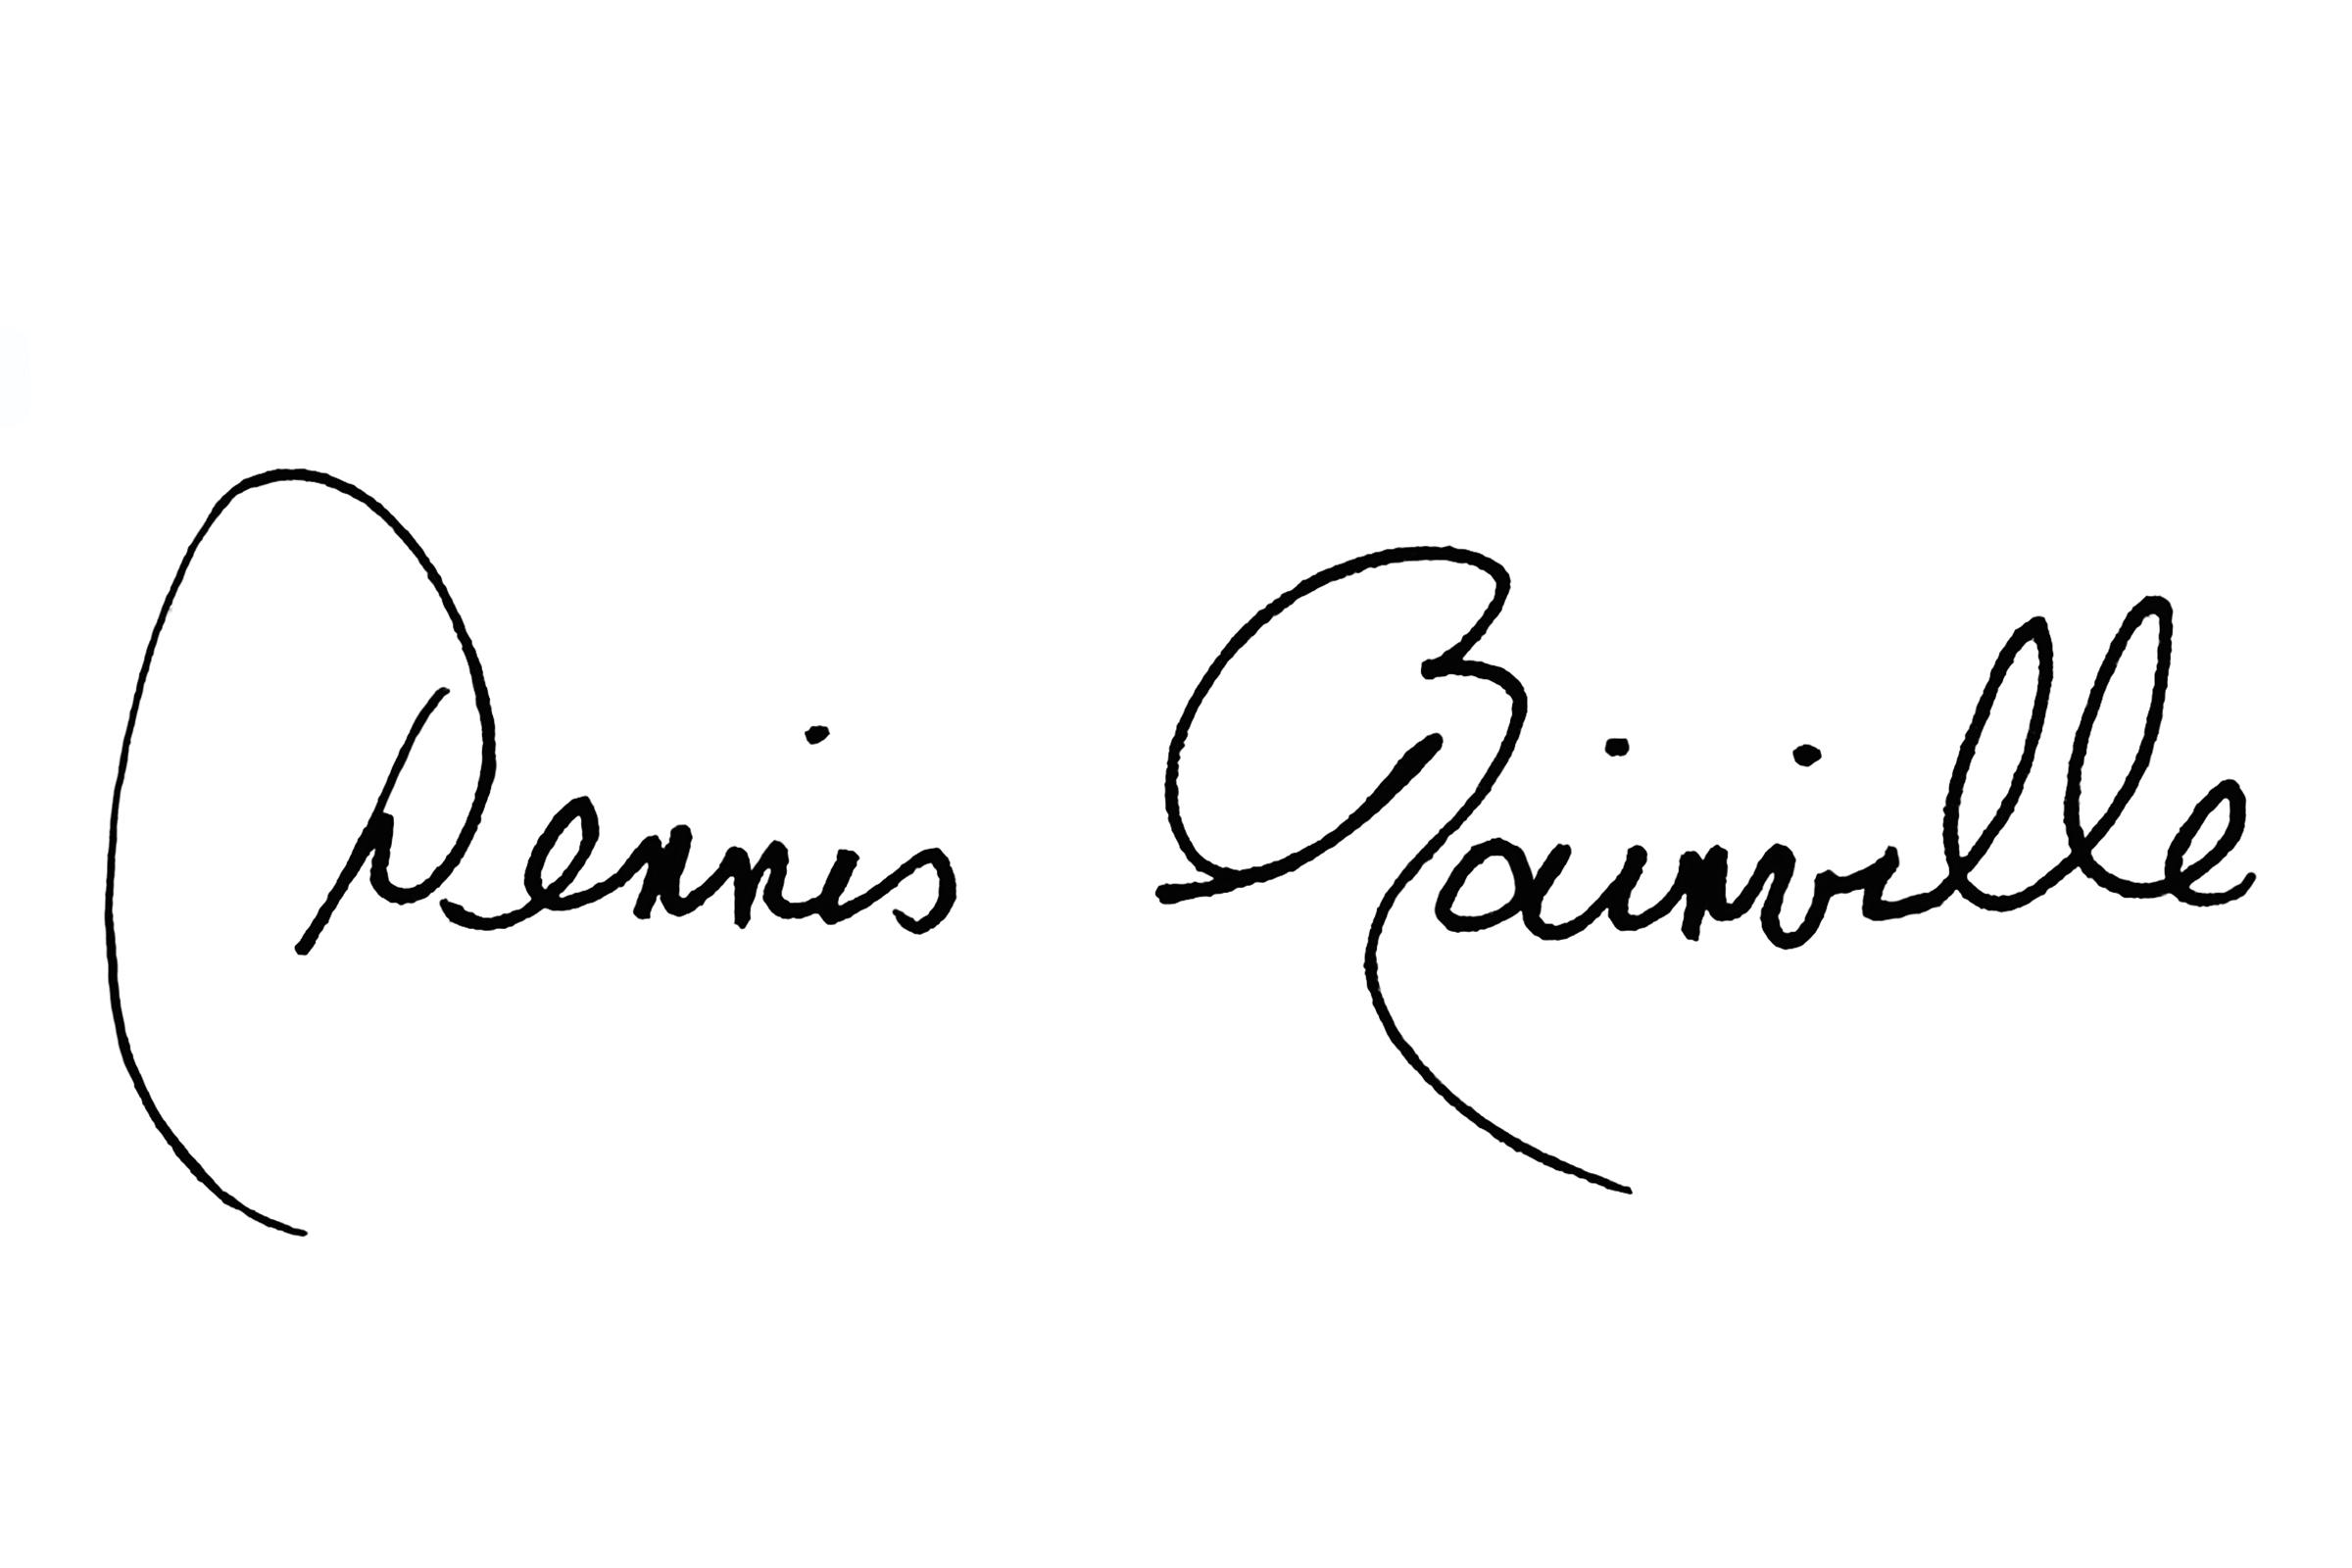 Dennis.Rainville's Signature